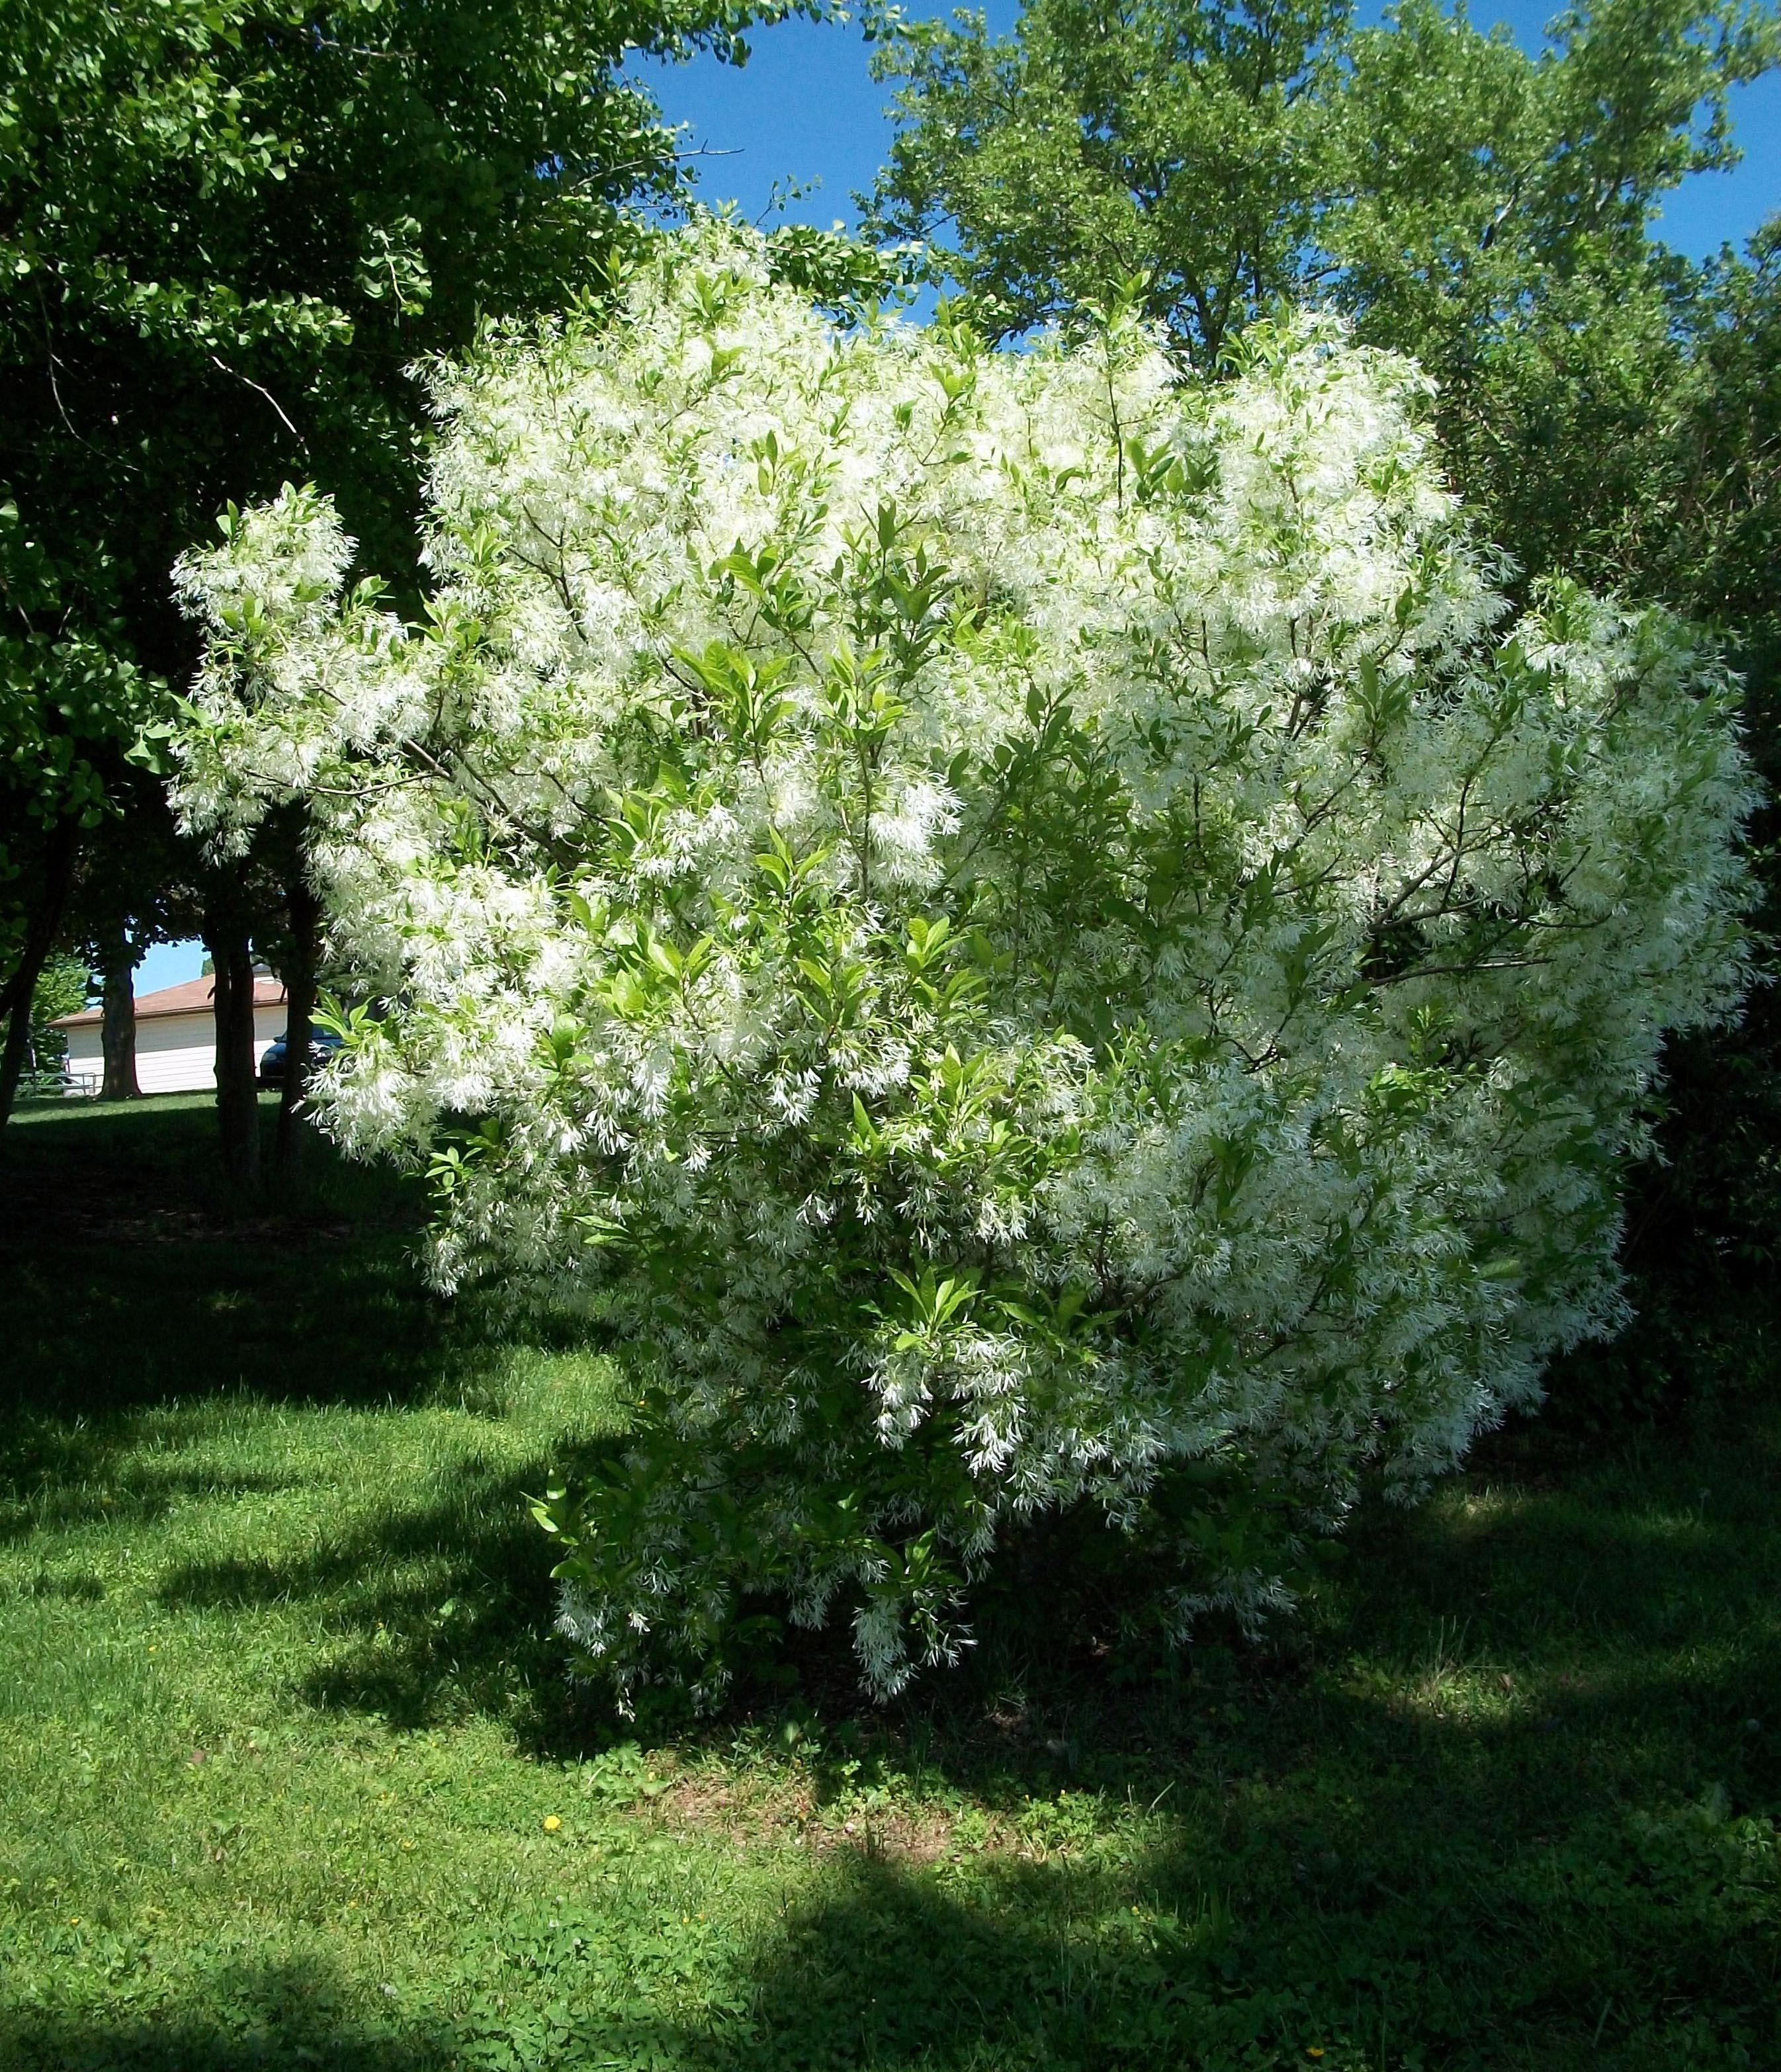 Fringe tree in bloom